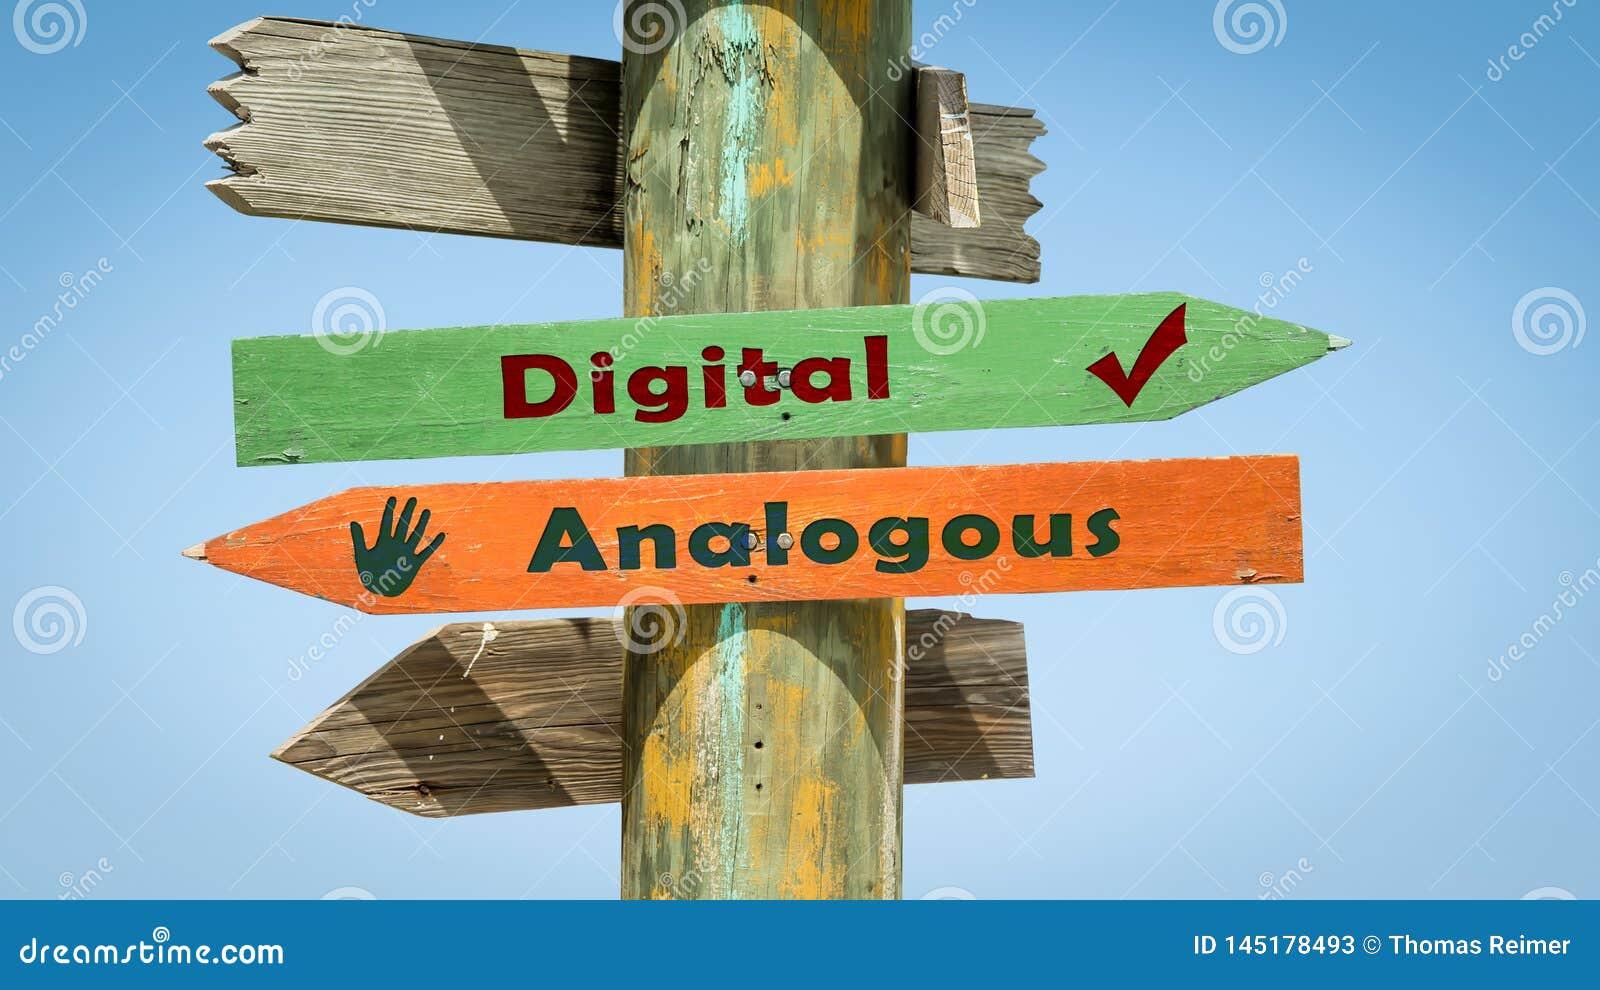 Sinal de rua Digital contra análogo